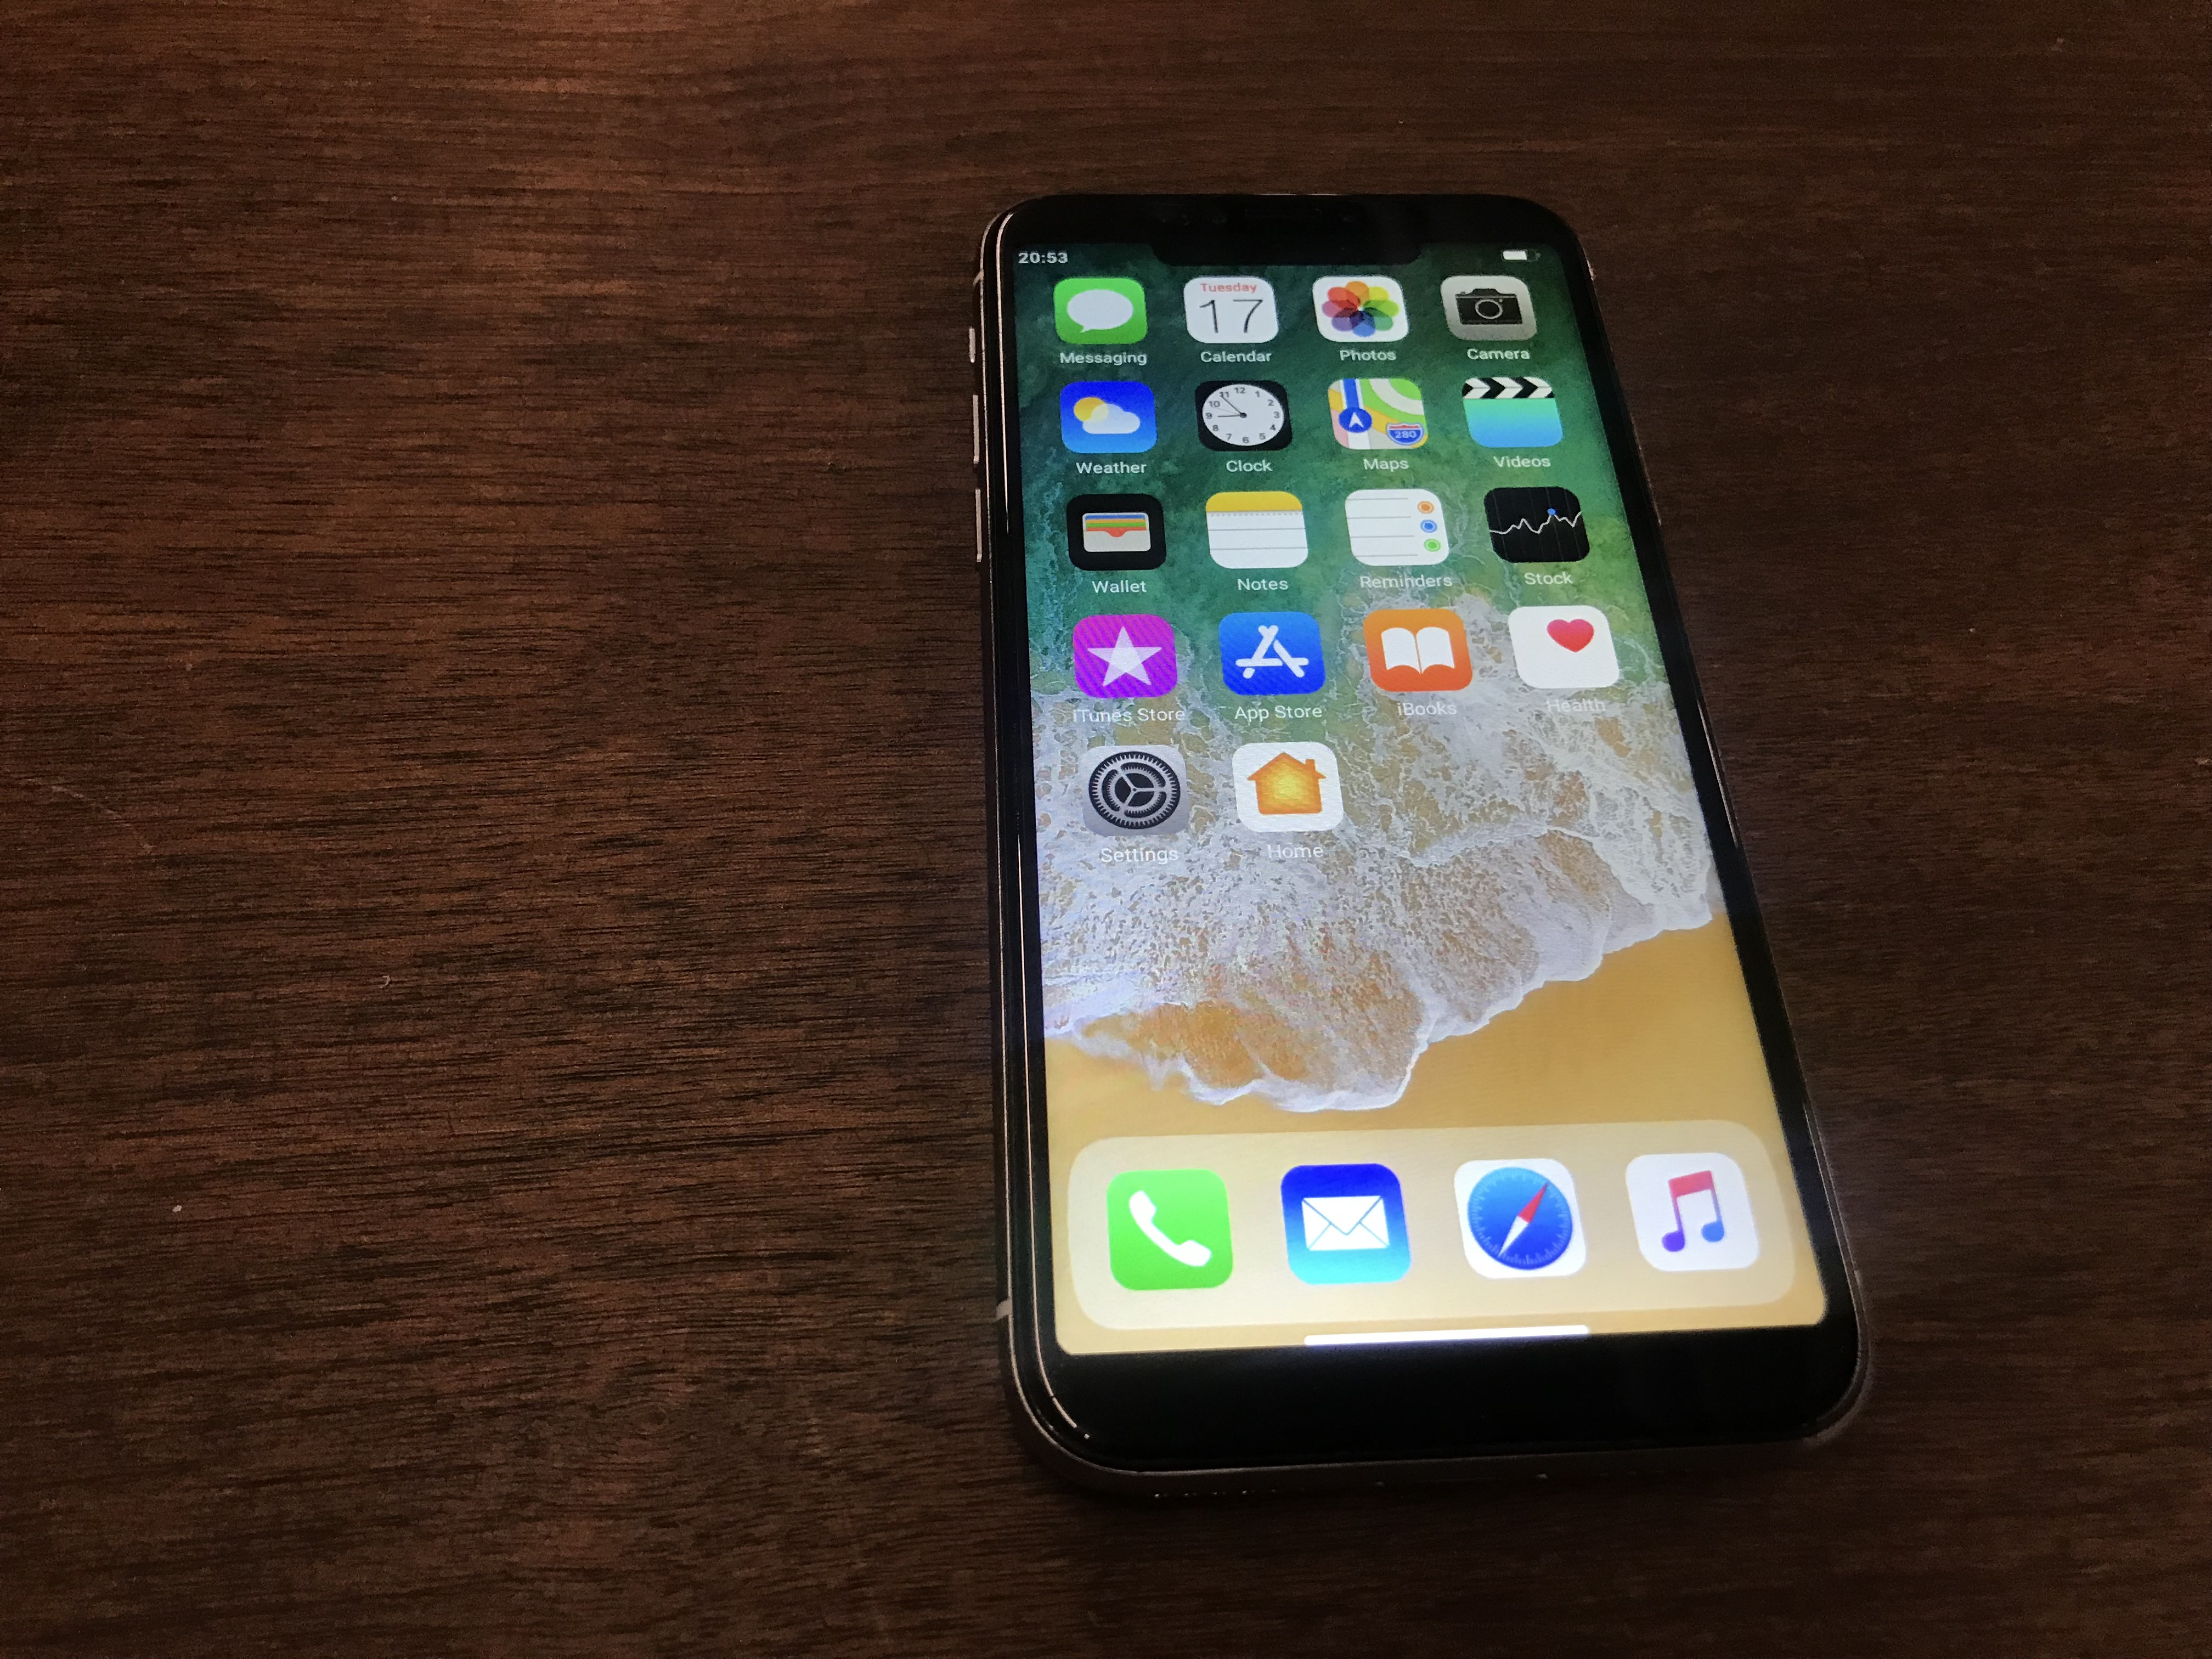 Sito dove gli iphone costano meno di 100